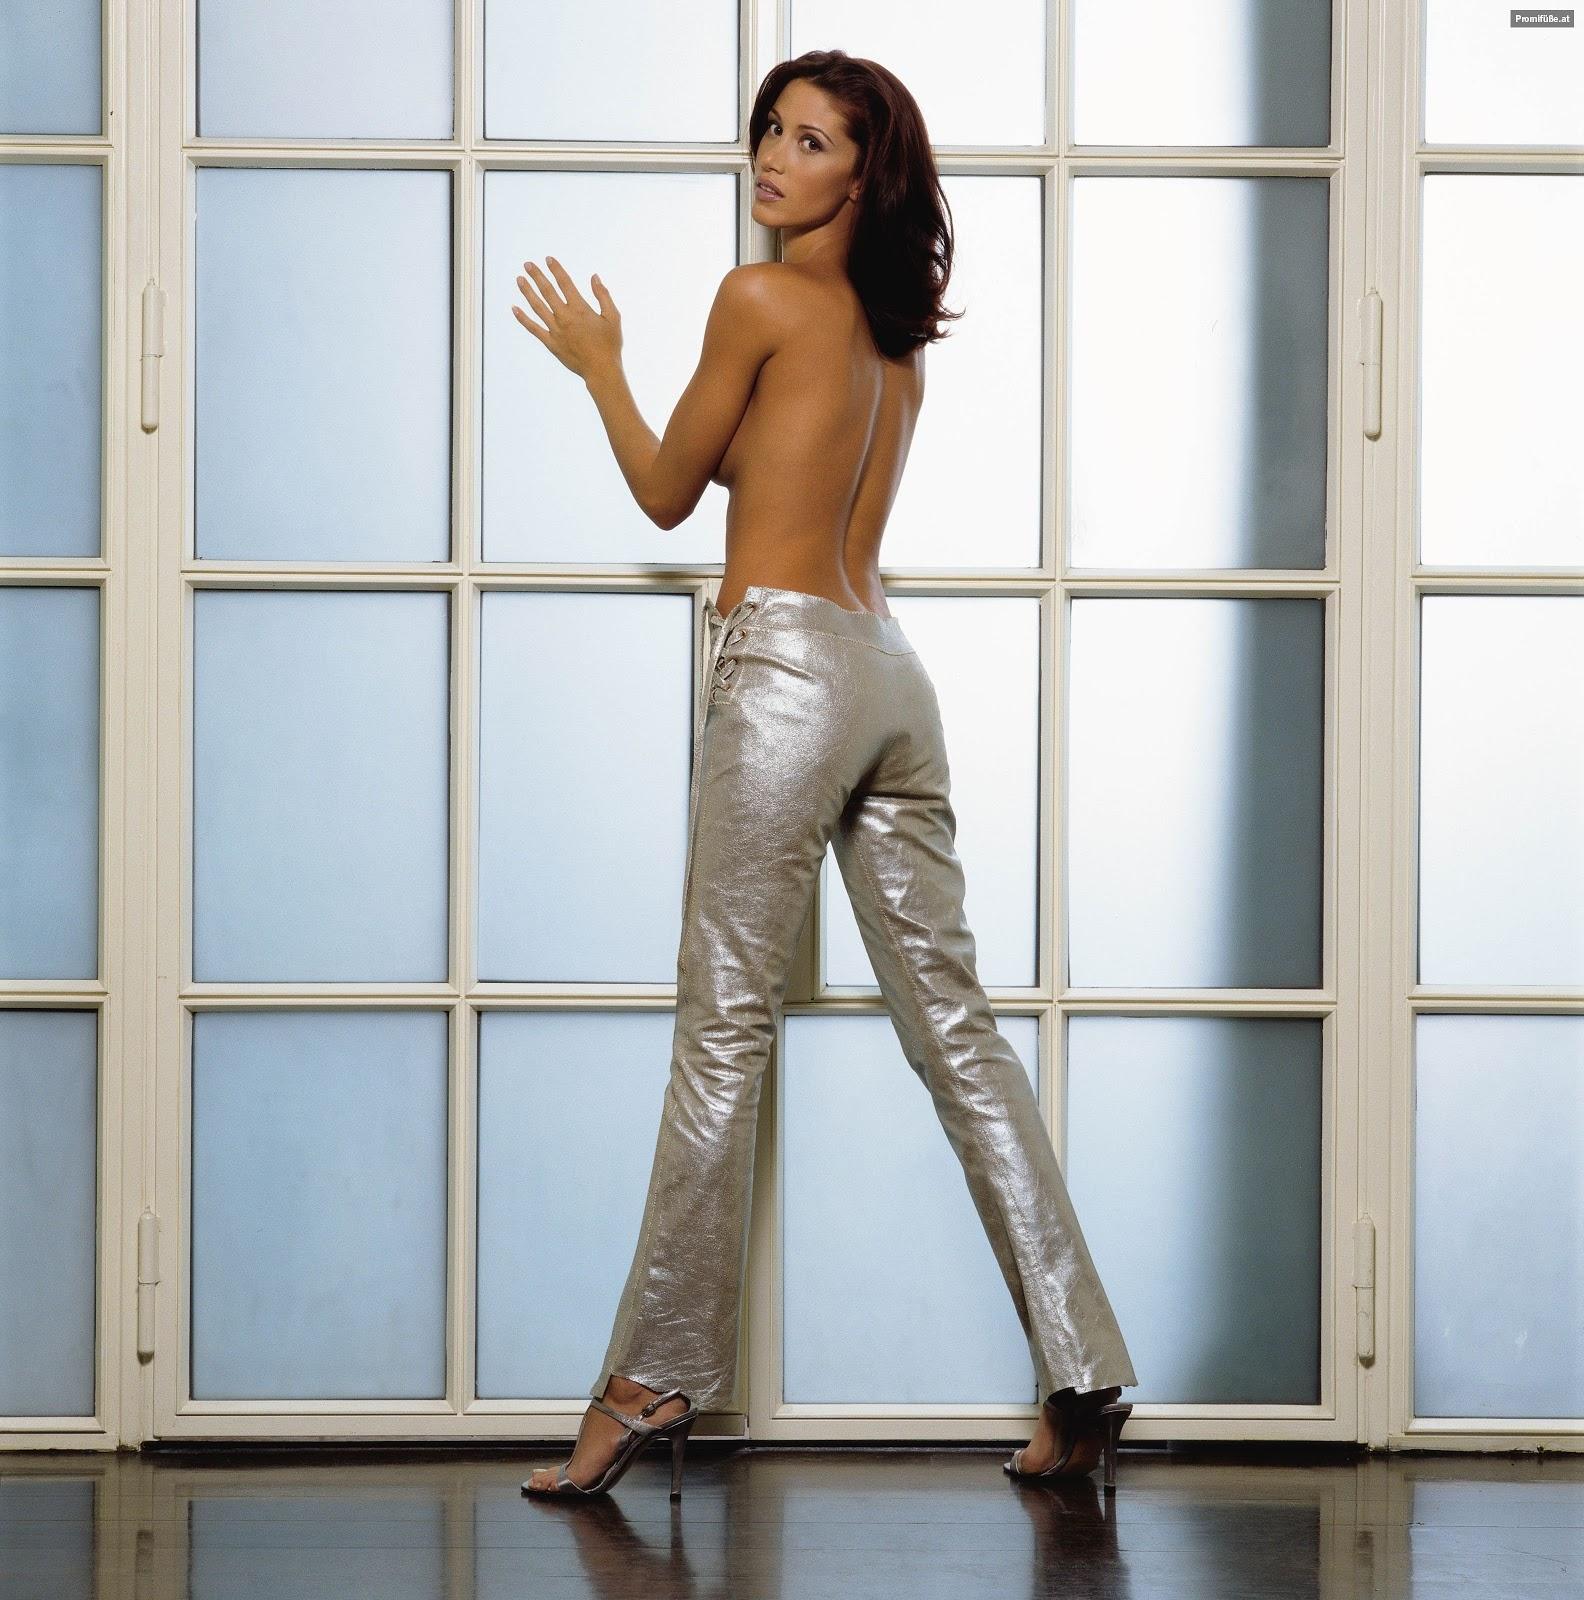 http://1.bp.blogspot.com/-OyyHdKNqAeo/T6dSRkmeMmI/AAAAAAAADpI/DQwdvy65Sk0/s1600/Shannon-Elizabeth-Feet.jpg